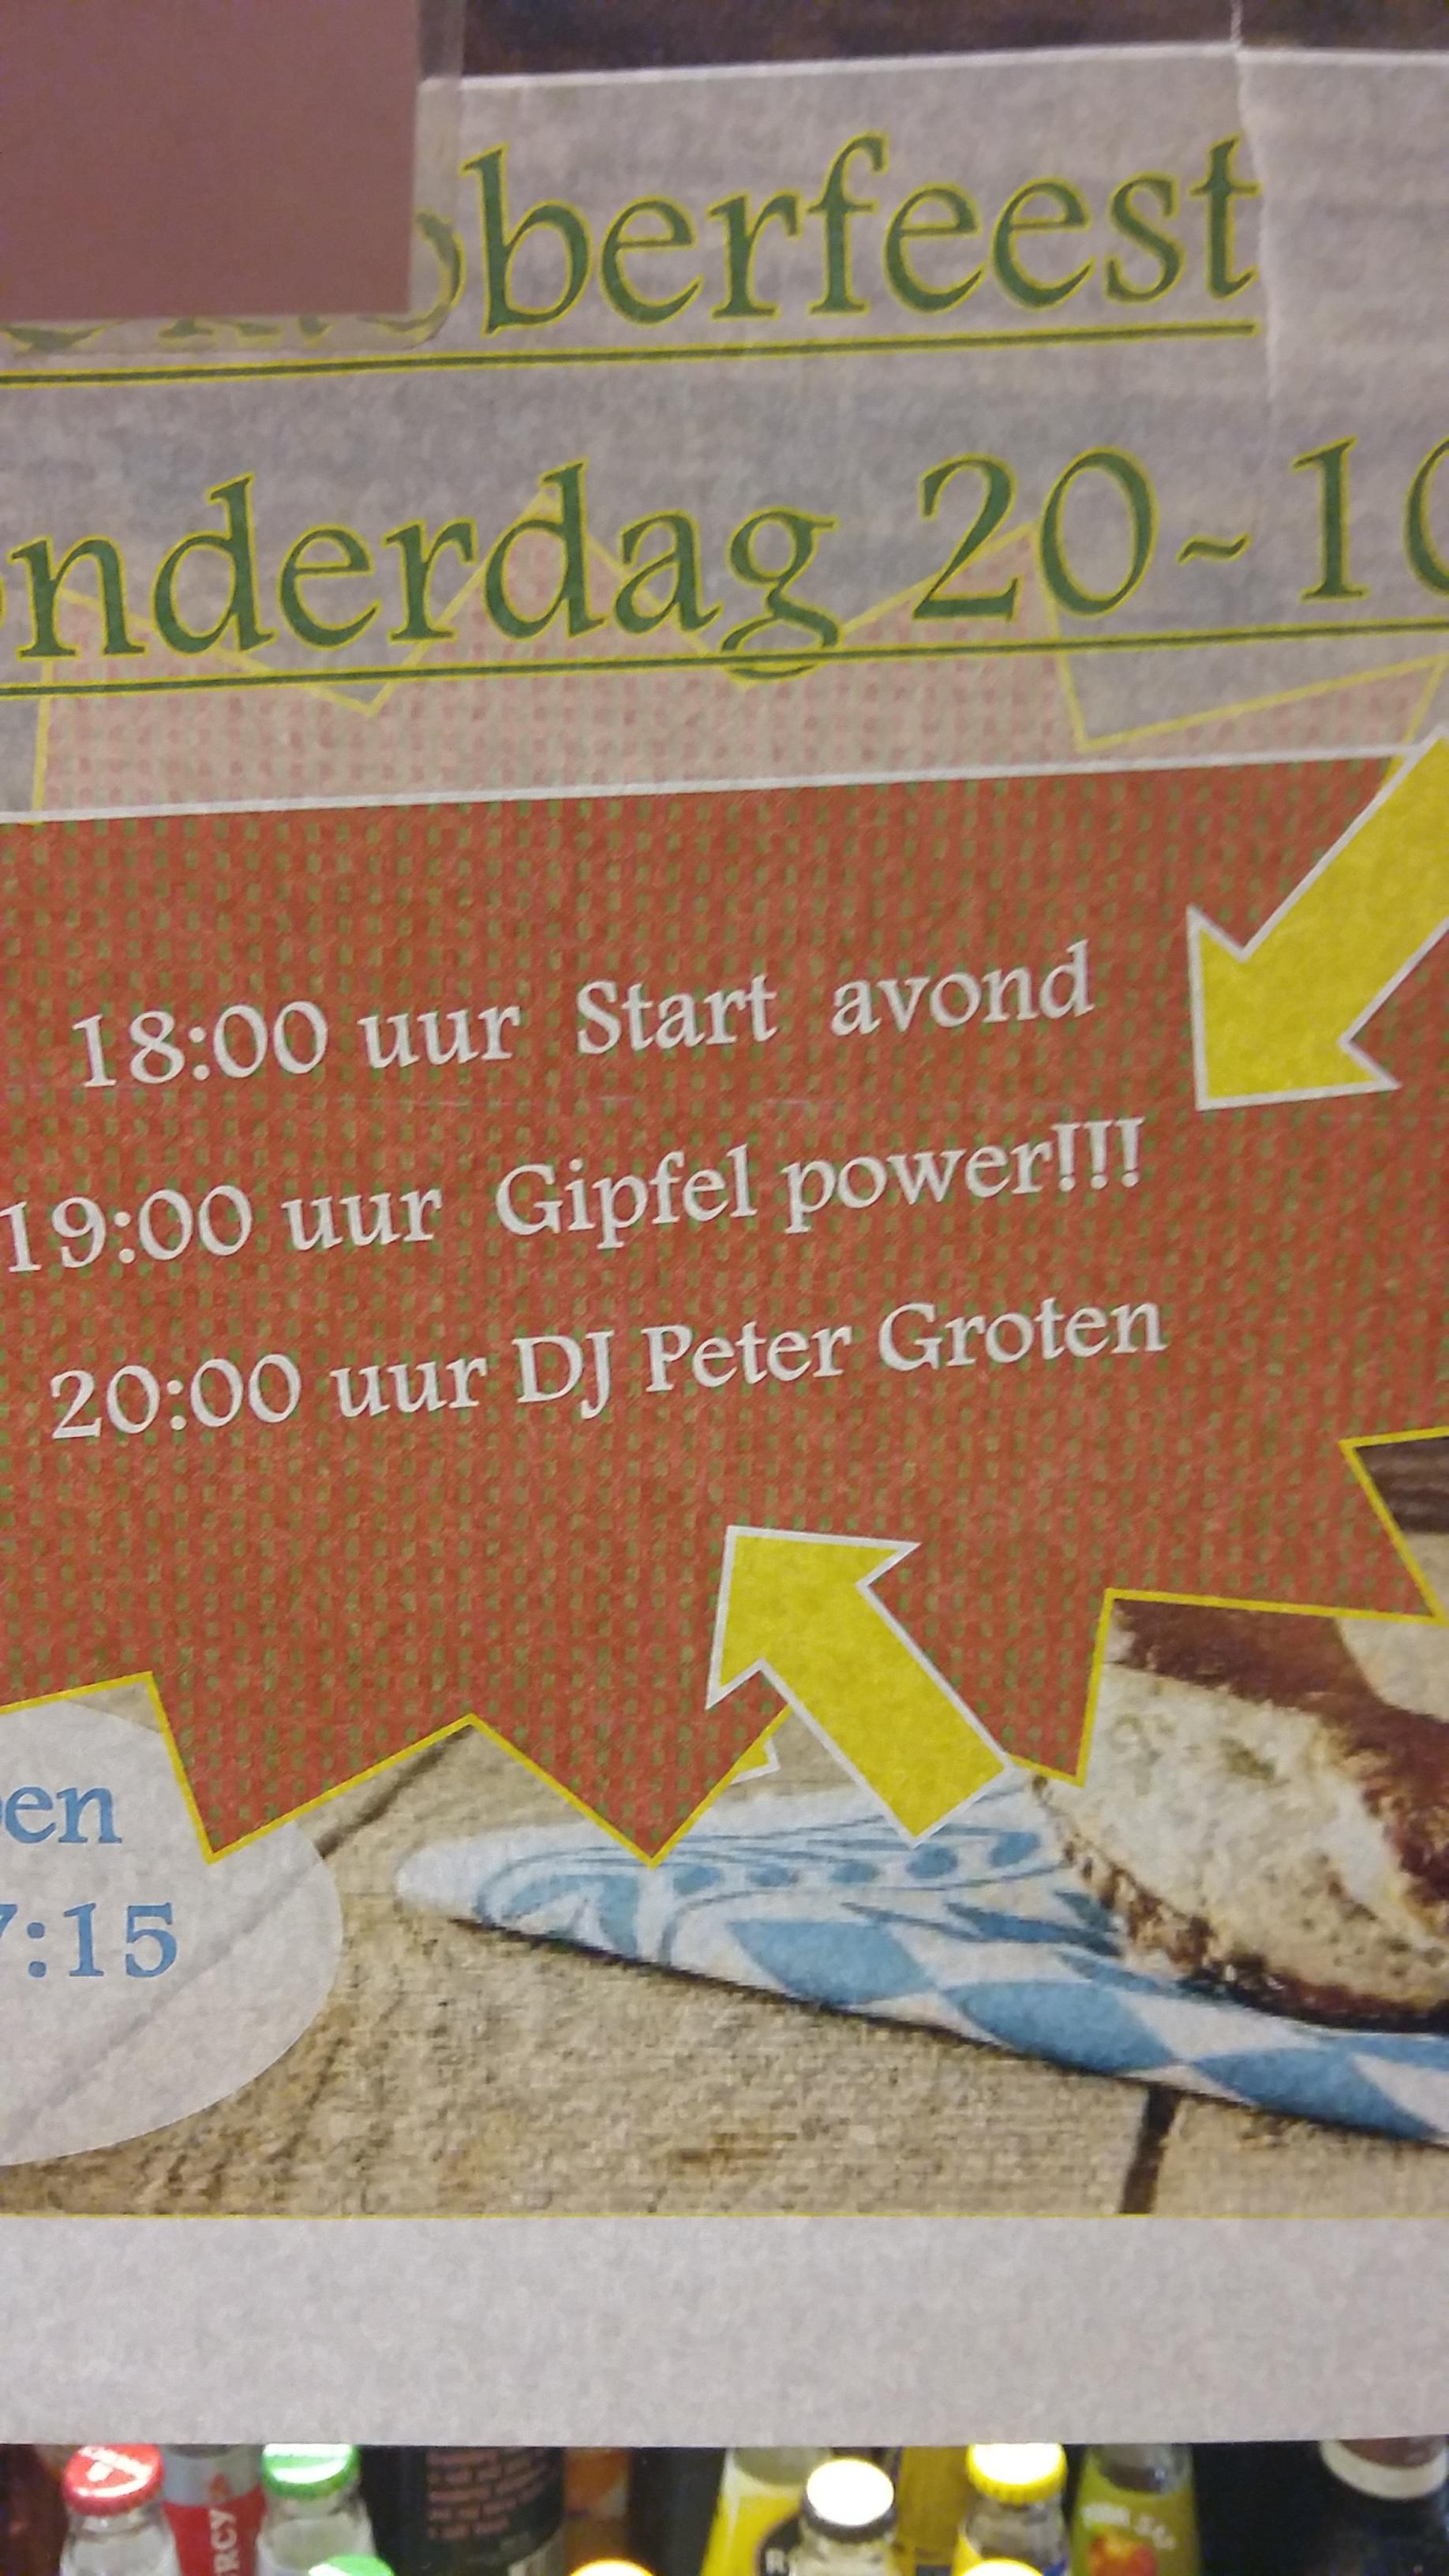 Peter de Groot/de Groten/Groten